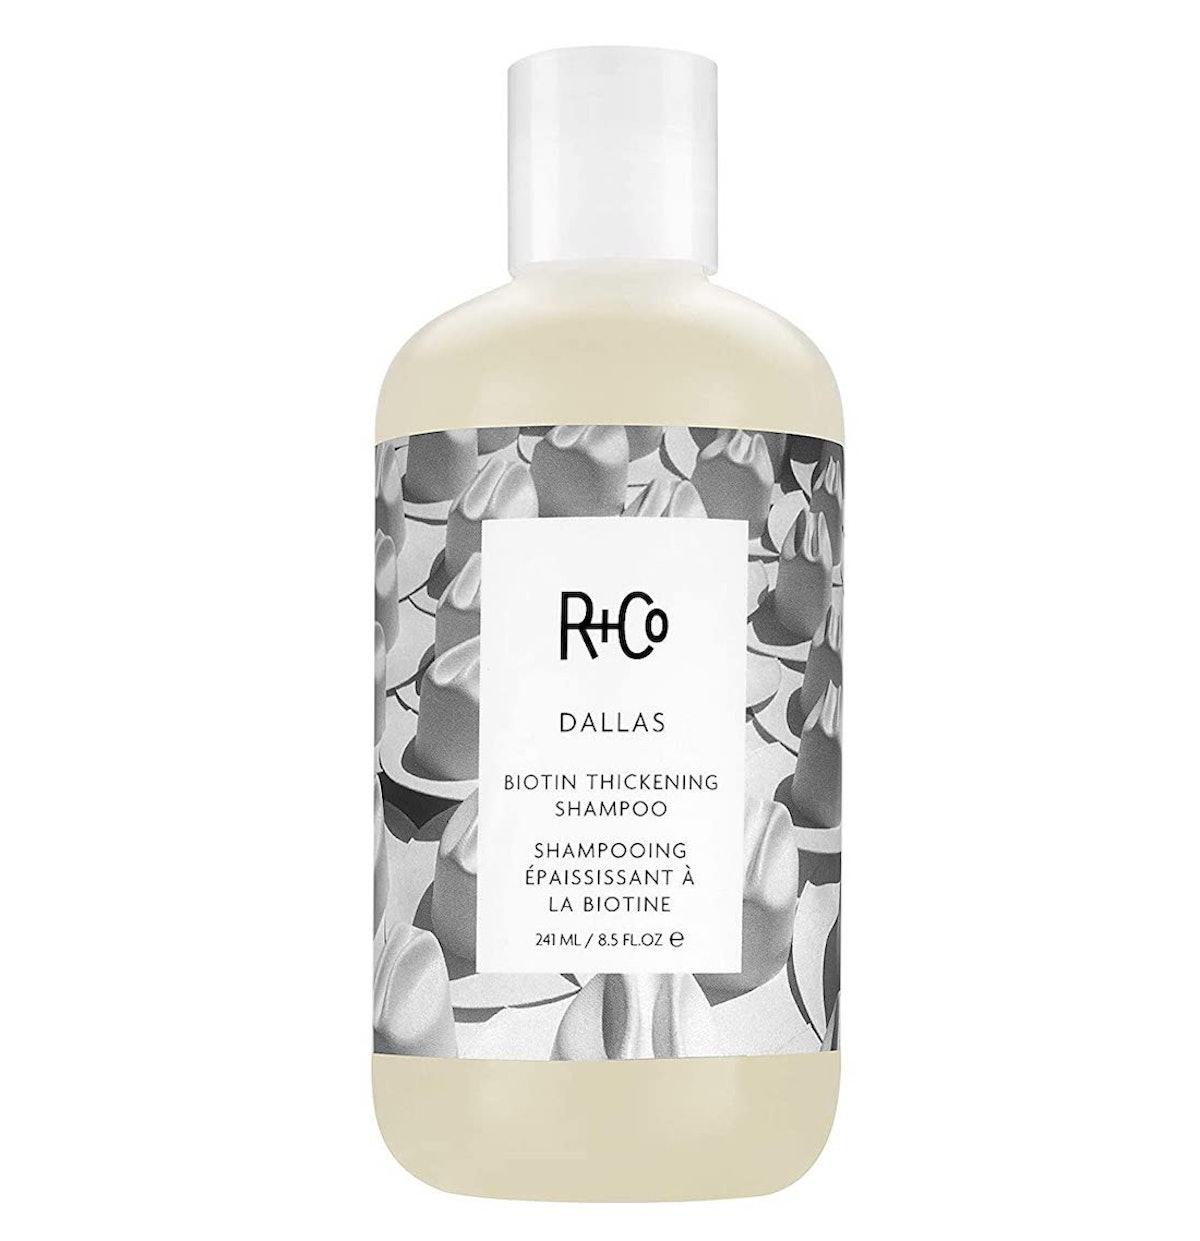 R+Co Dallas Biotin Thickening Shampoo (8.5 Oz.)